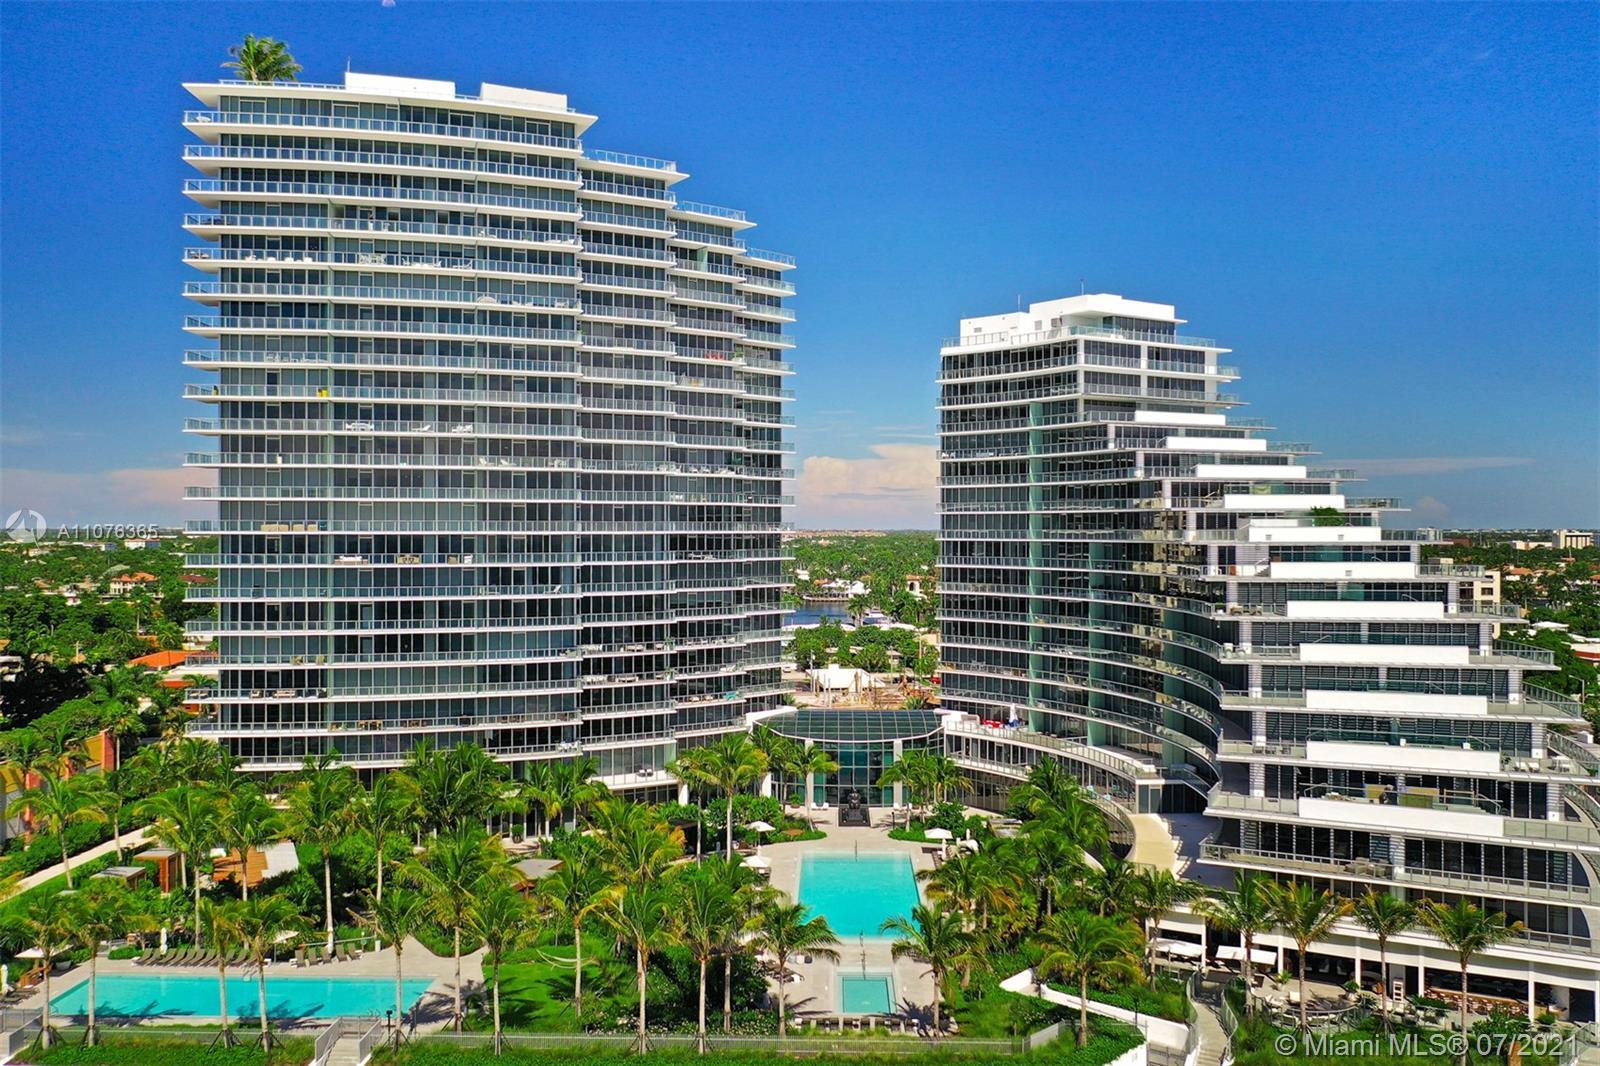 Auberge Beach Residences #S303 - 2200 N OCEAN BLVD #S303, Fort Lauderdale, FL 33305